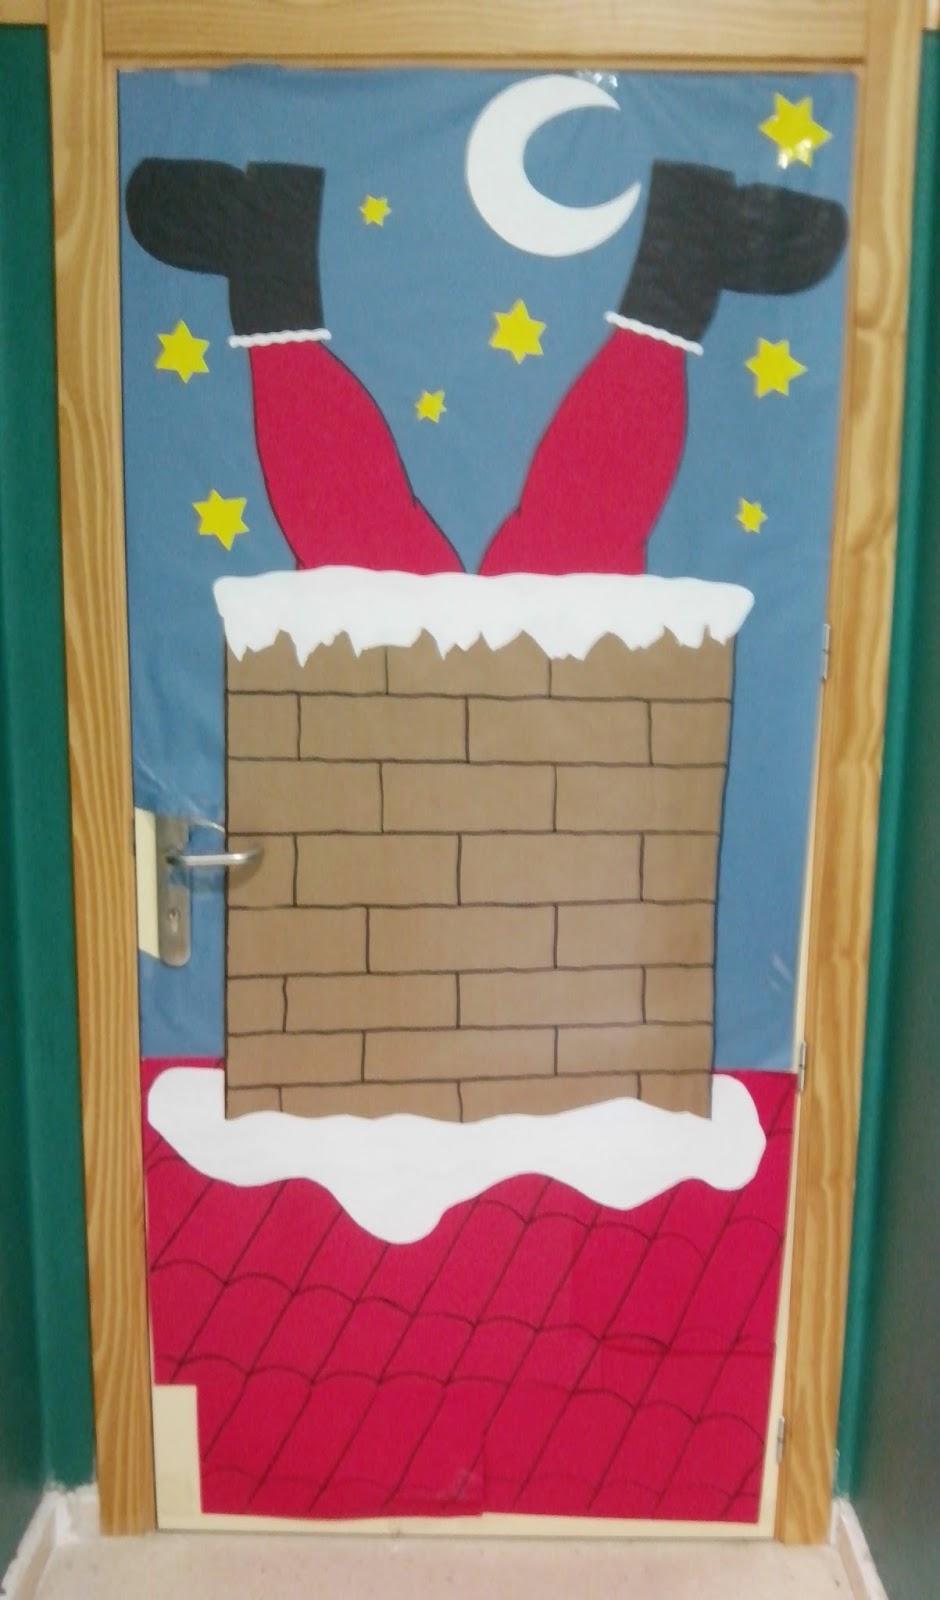 C mo mola la m sica puertas del cole lleg la navidad for Decoracion de puertas para navidad